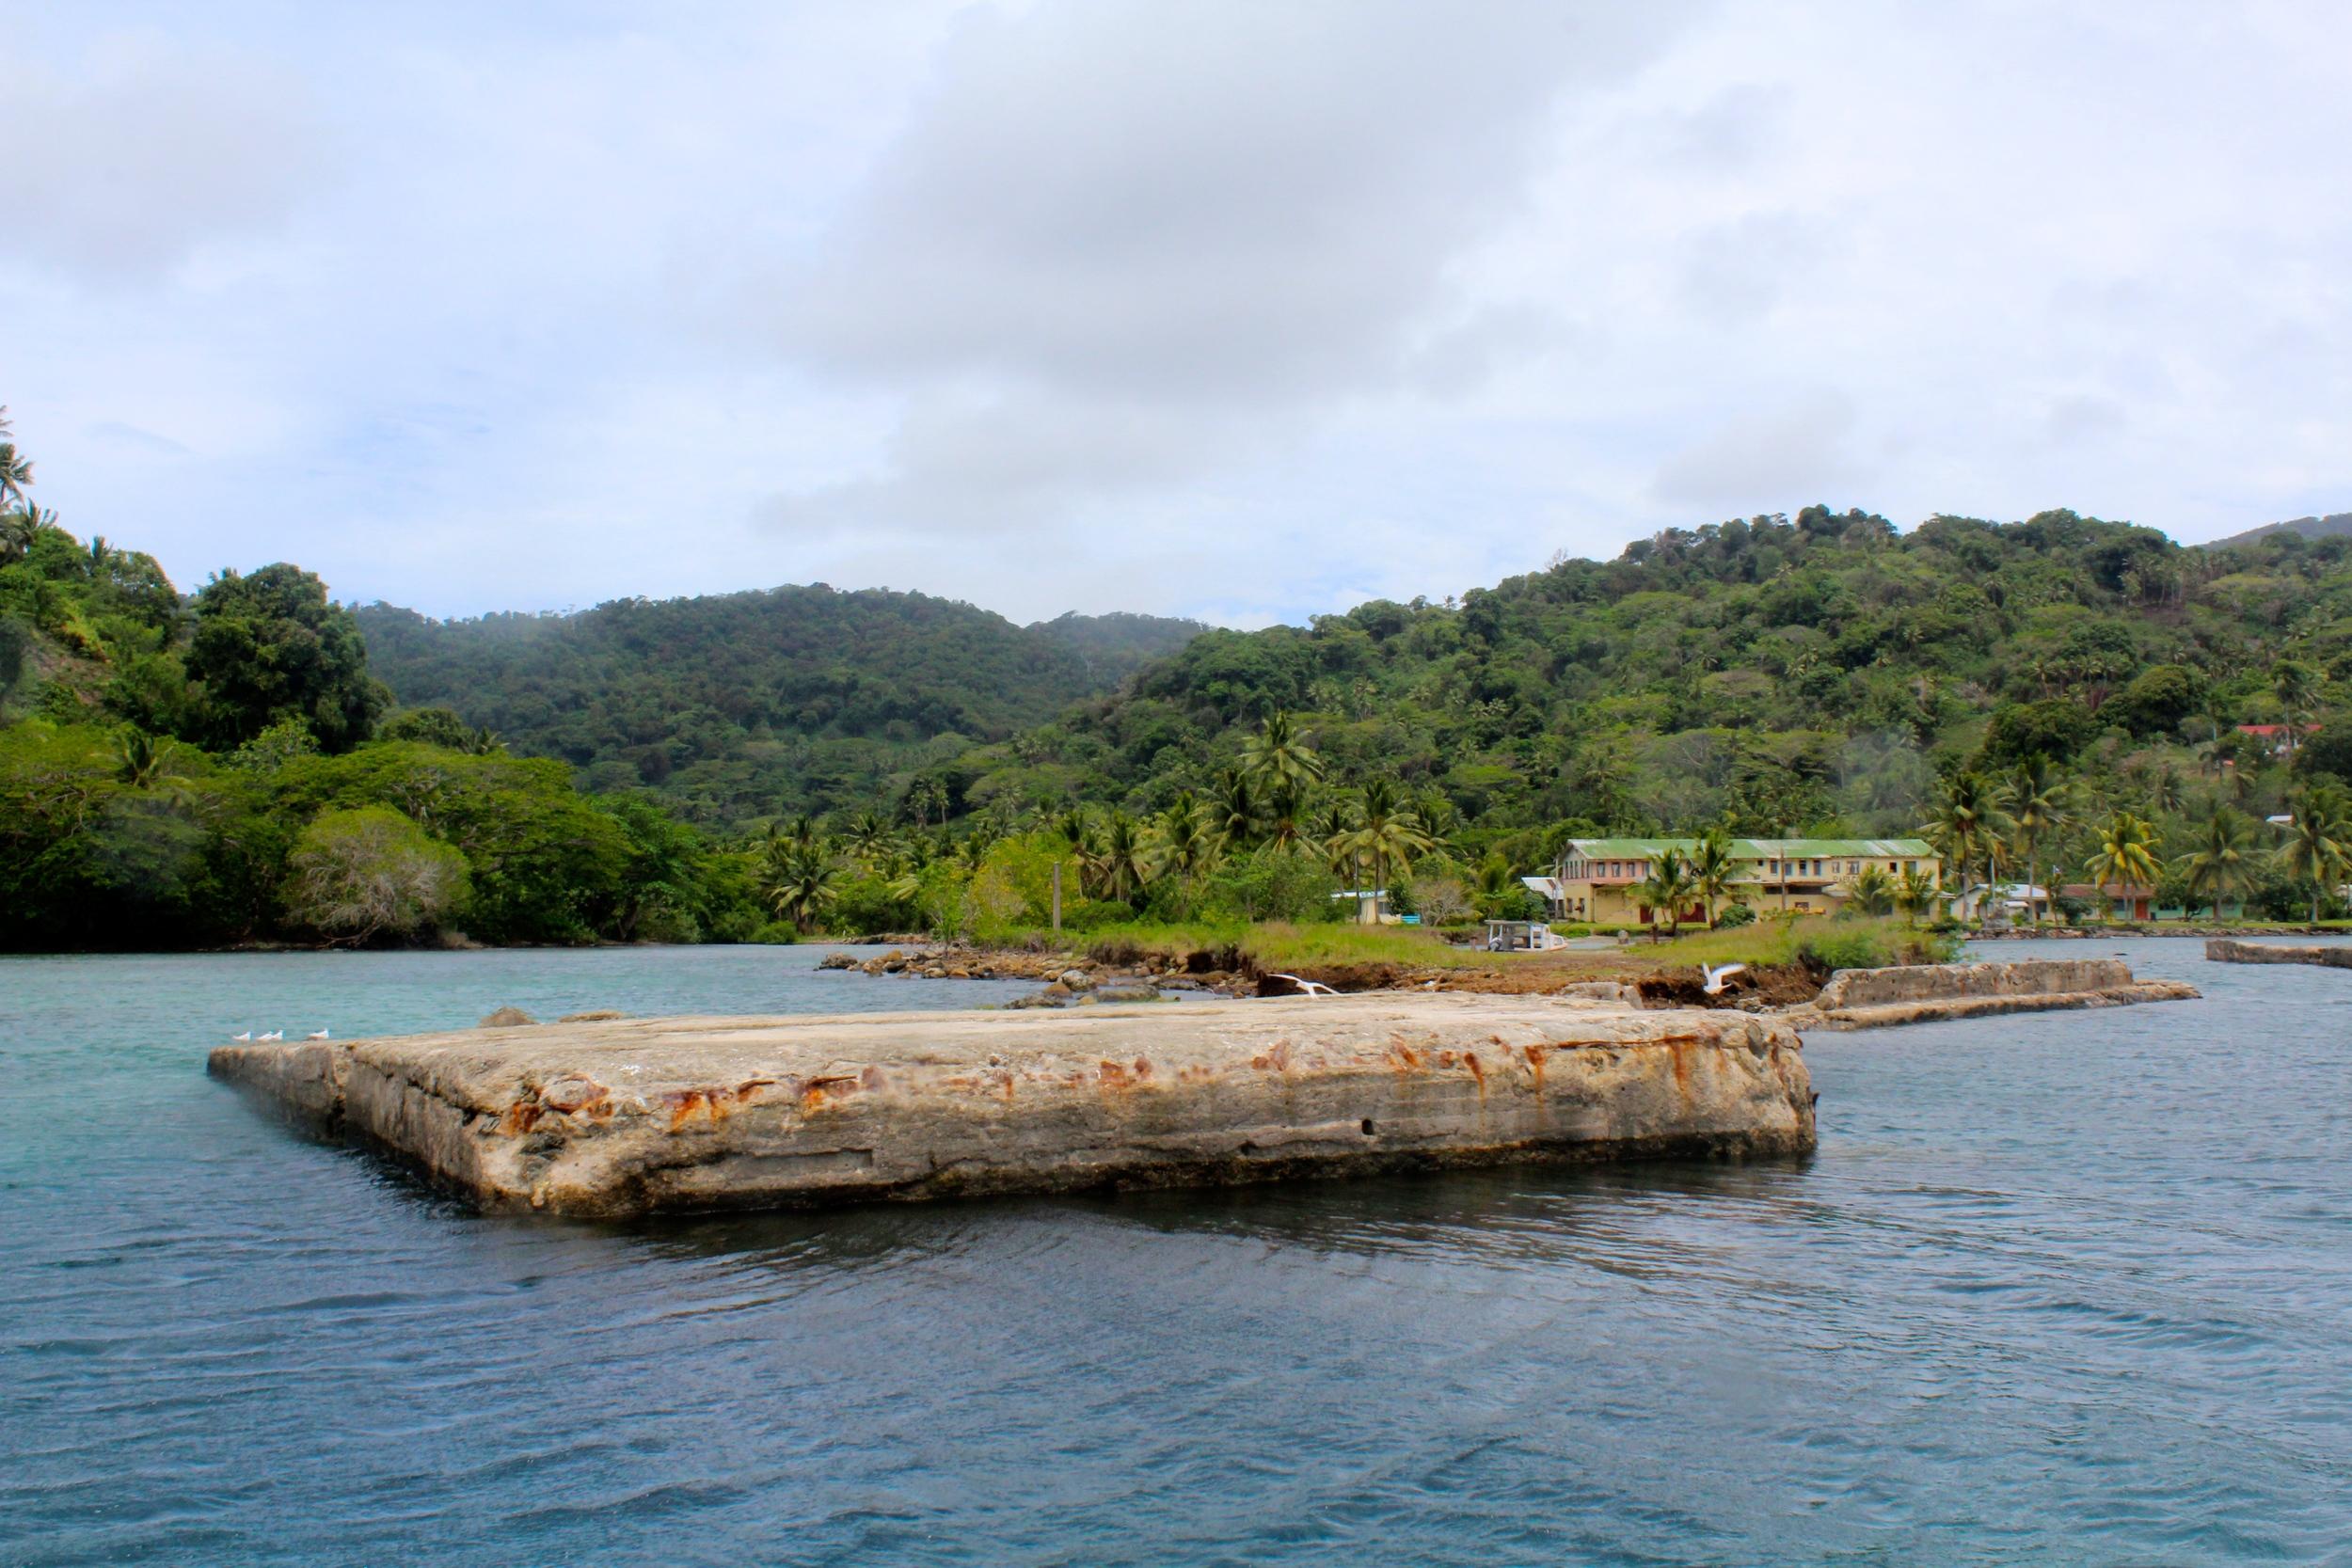 Rabi jetty